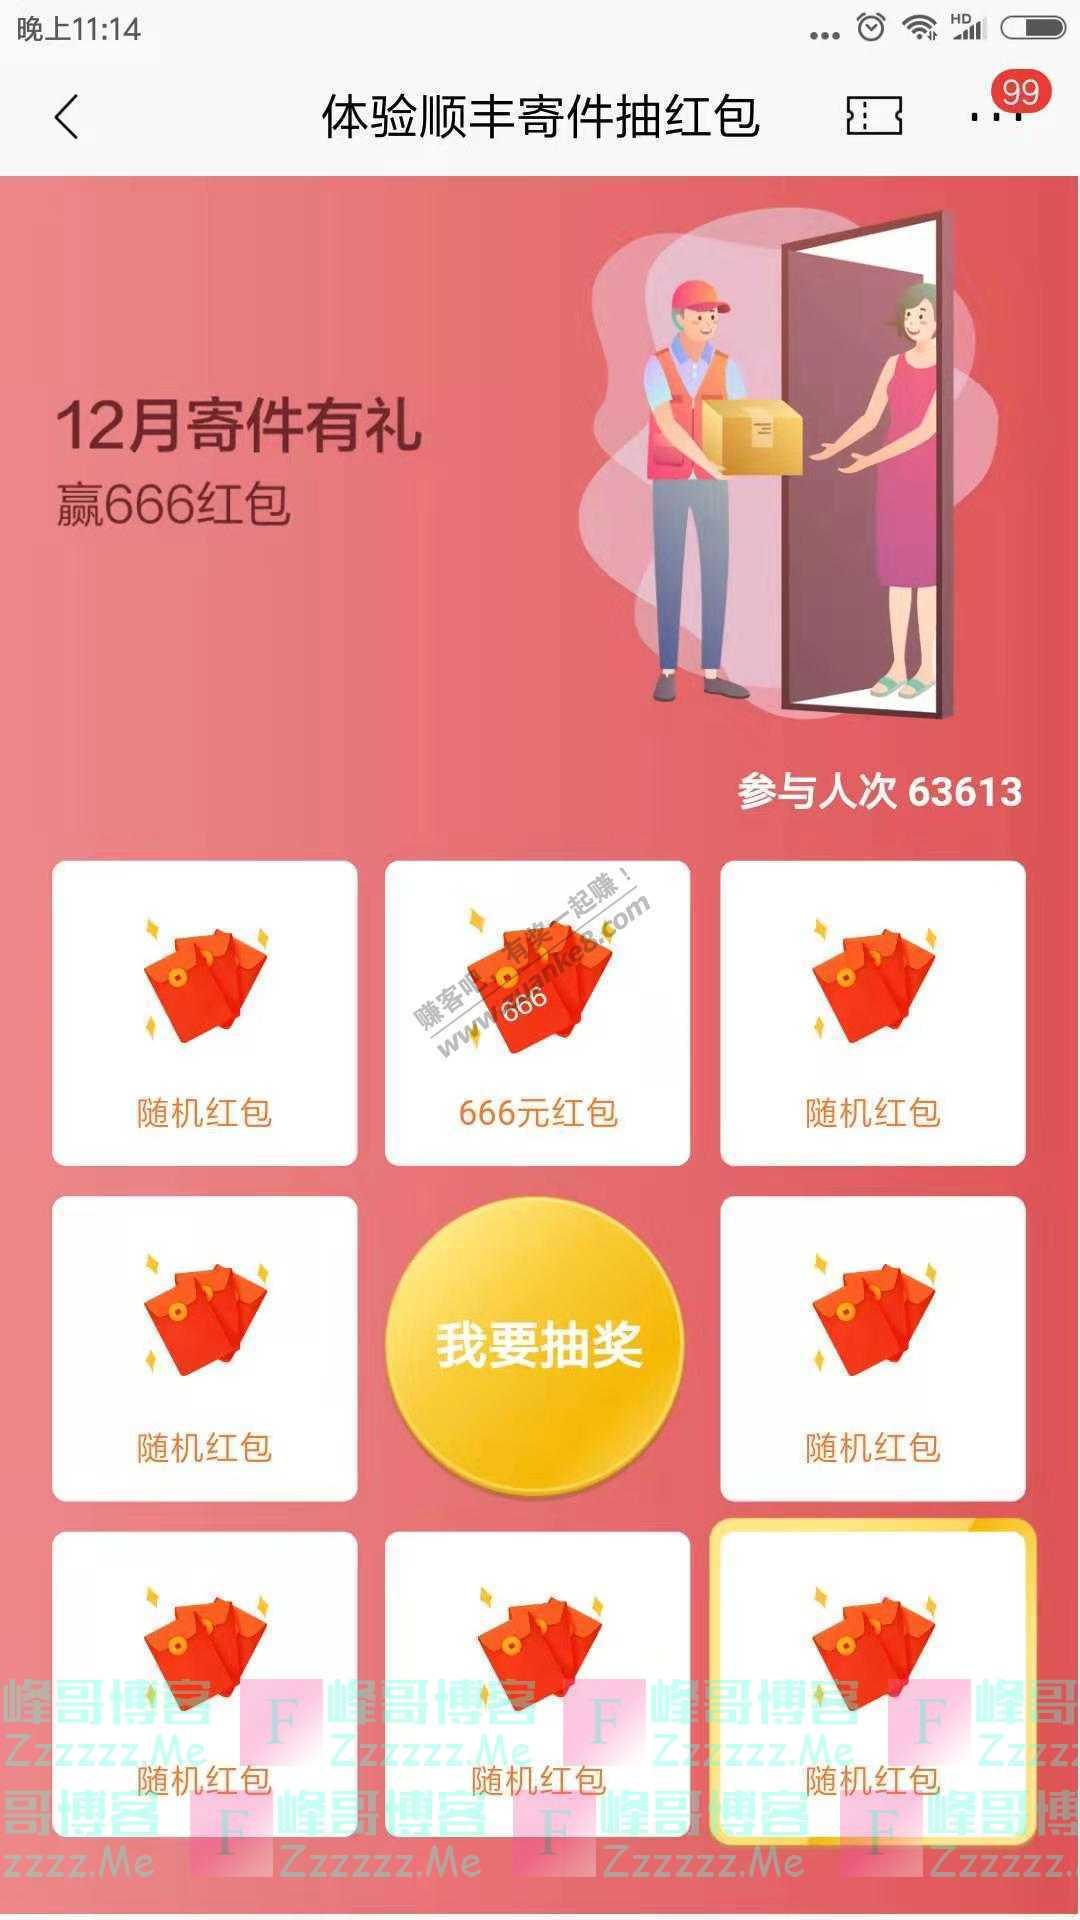 招商银行app体验顺丰寄件抽红包(截止12月14日)